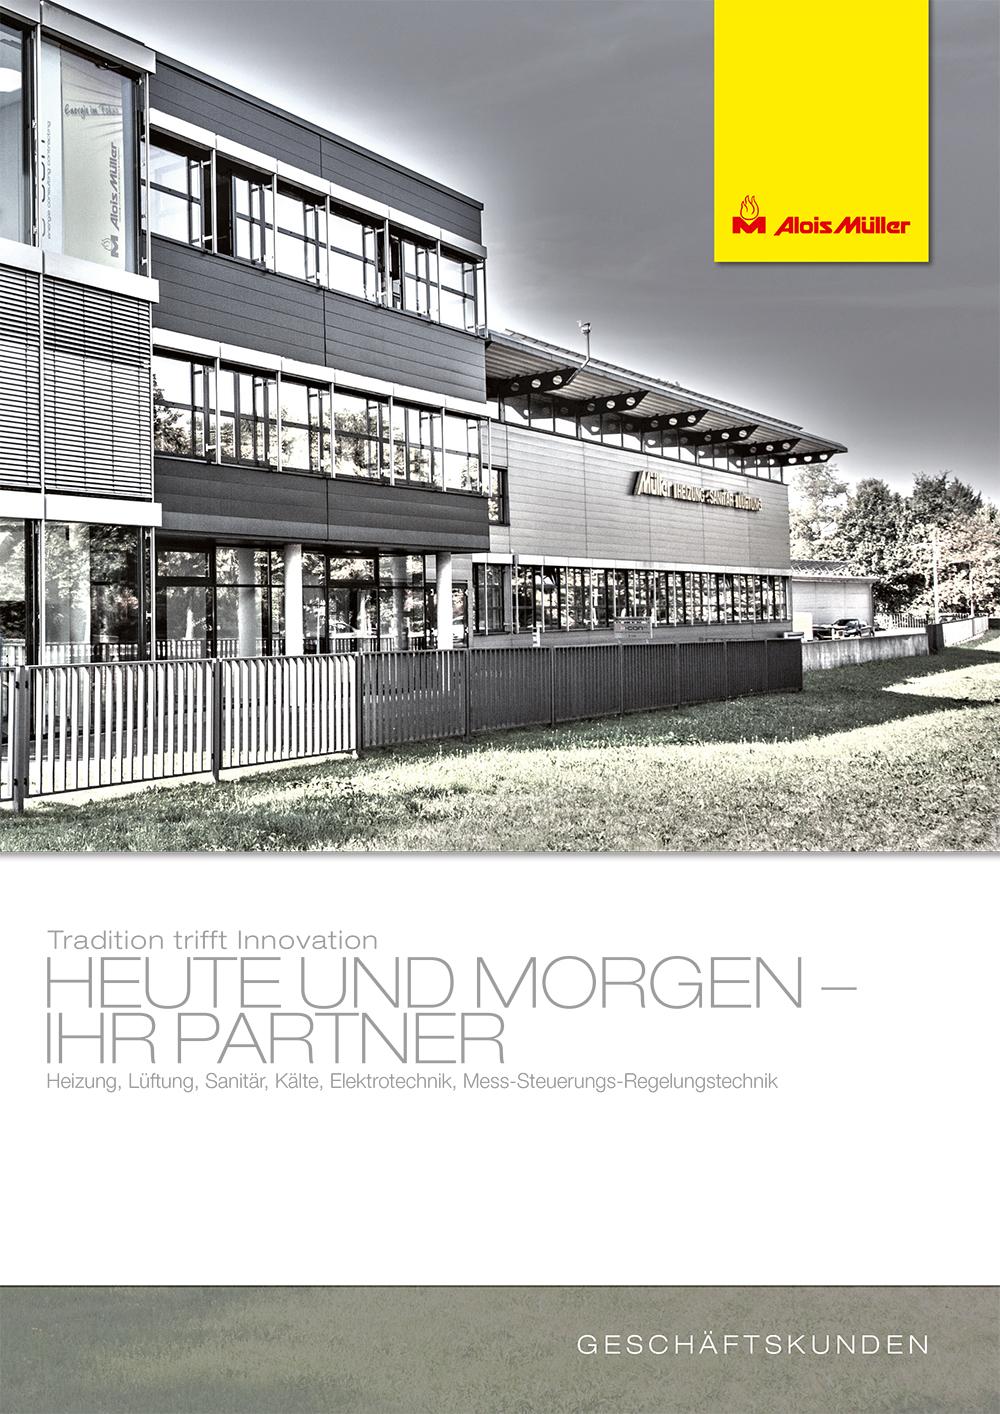 Alois Müller Broschüre für Geschäftskunden